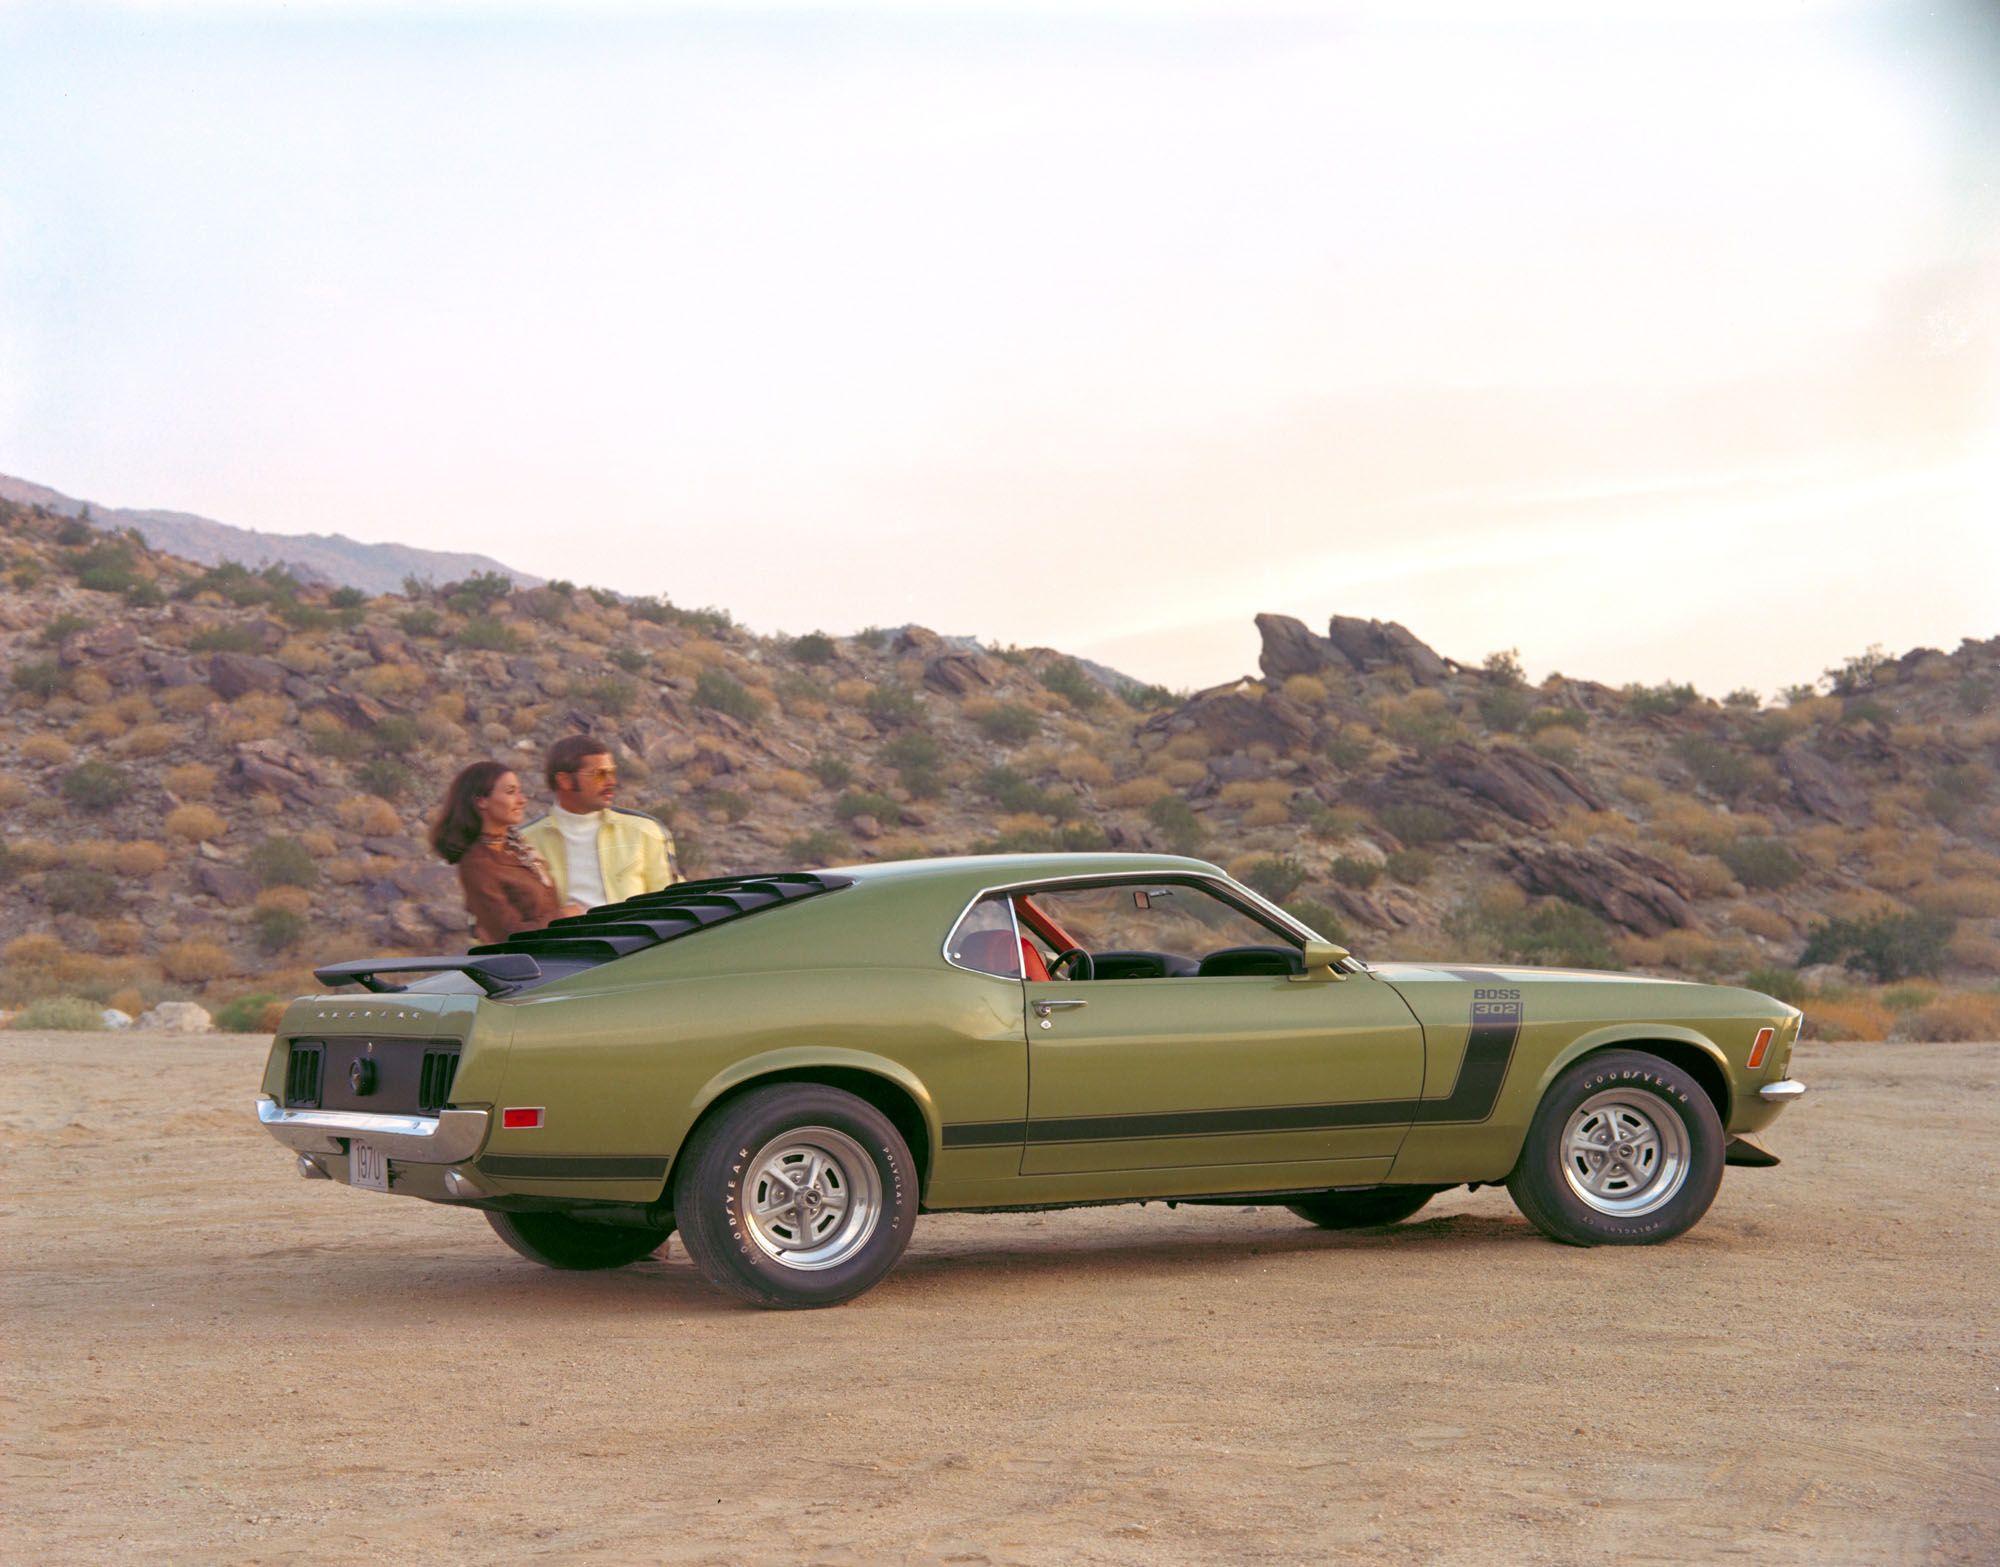 1970 ford mustang boss 302 grabber green neg cn5703 282 jpg 2000